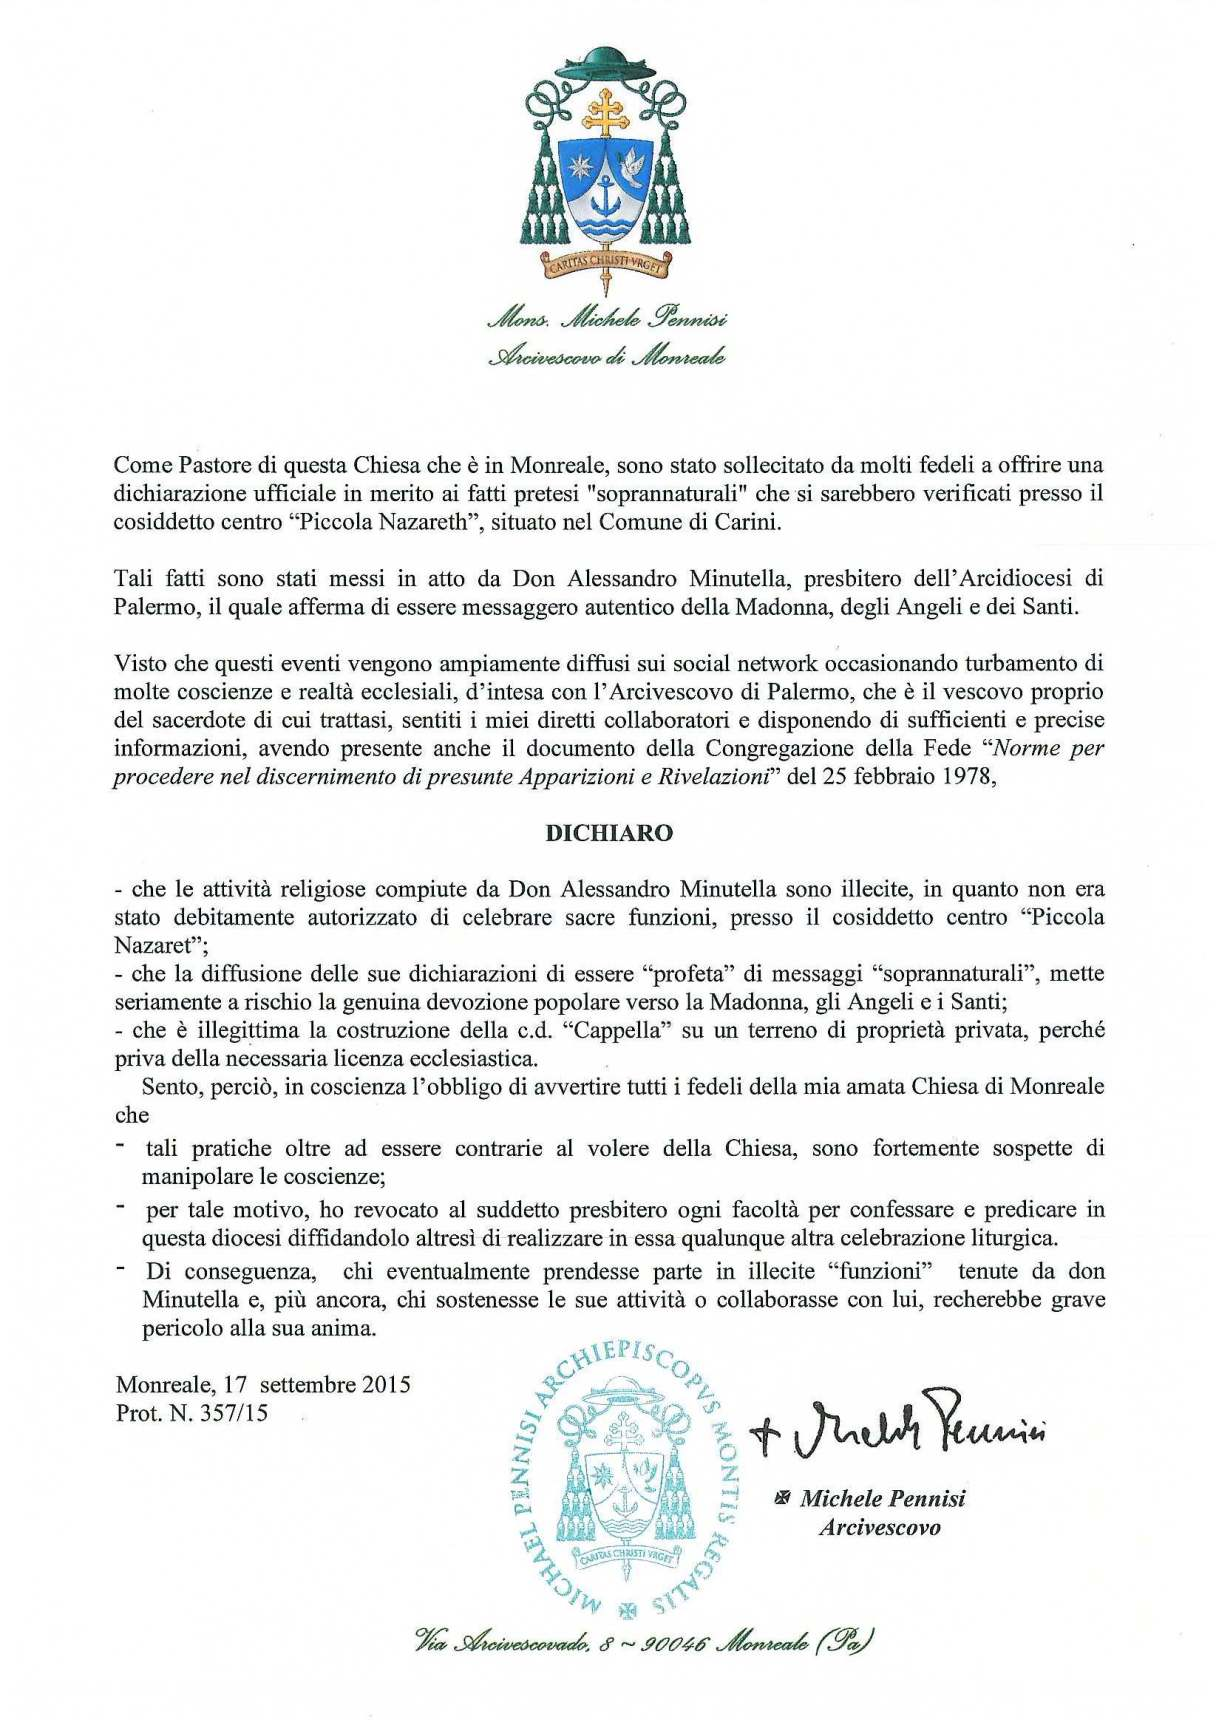 Dichiarazione circa don alessandro minutella arcidiocesi for Dichiarazione di missione adobe